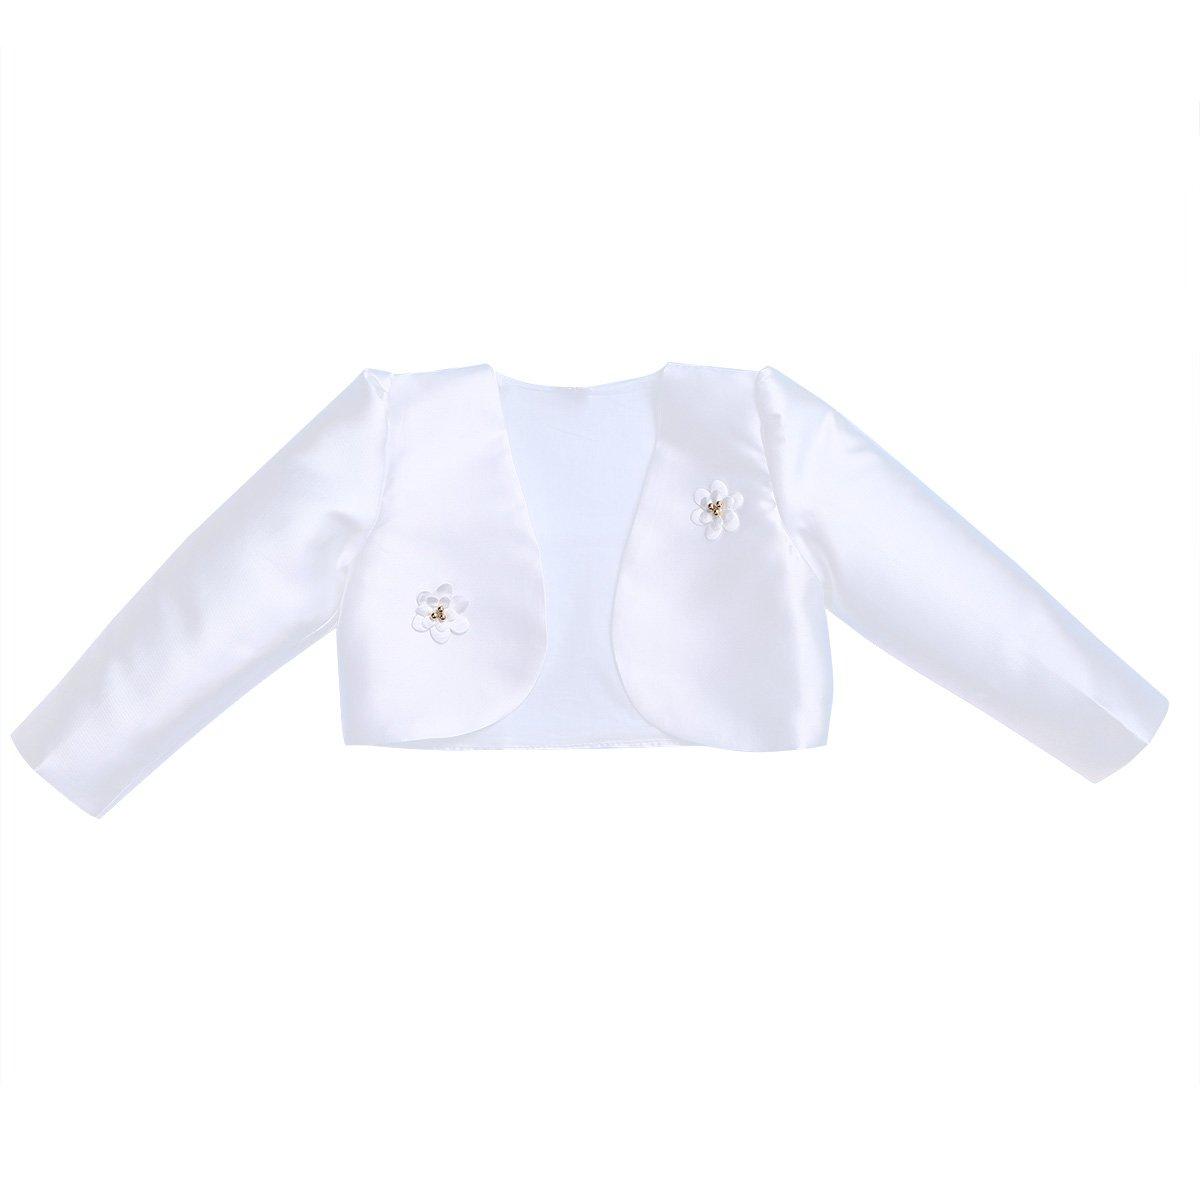 Freebily Kids Girls Long Sleeves Bolero Jacket Shrug Short Cardigan Sweater Dress Cover up (8-9, White)